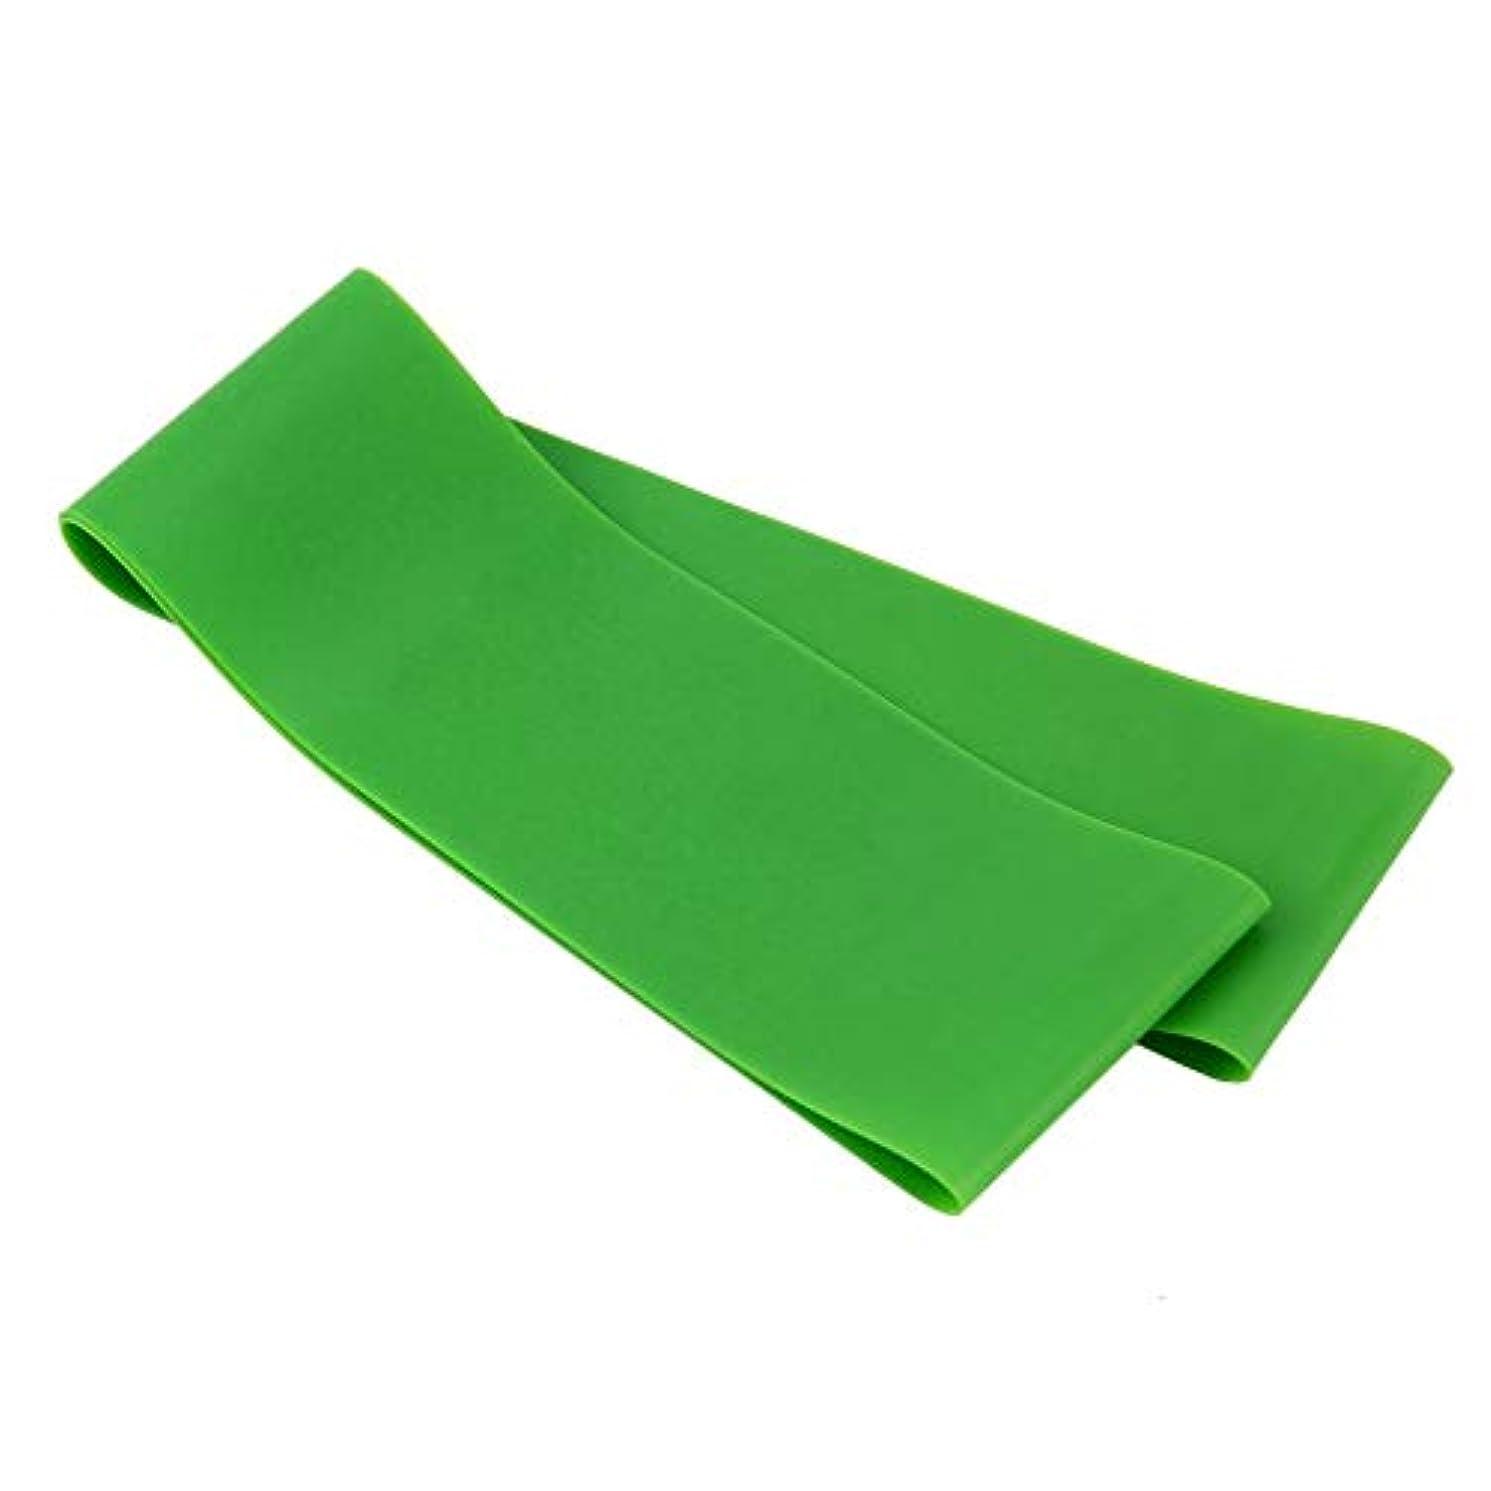 家主明日宣言滑り止め伸縮性ゴム弾性ヨガベルトバンドプルロープ張力抵抗バンドループ強度のためのフィットネスヨガツール - グリーン